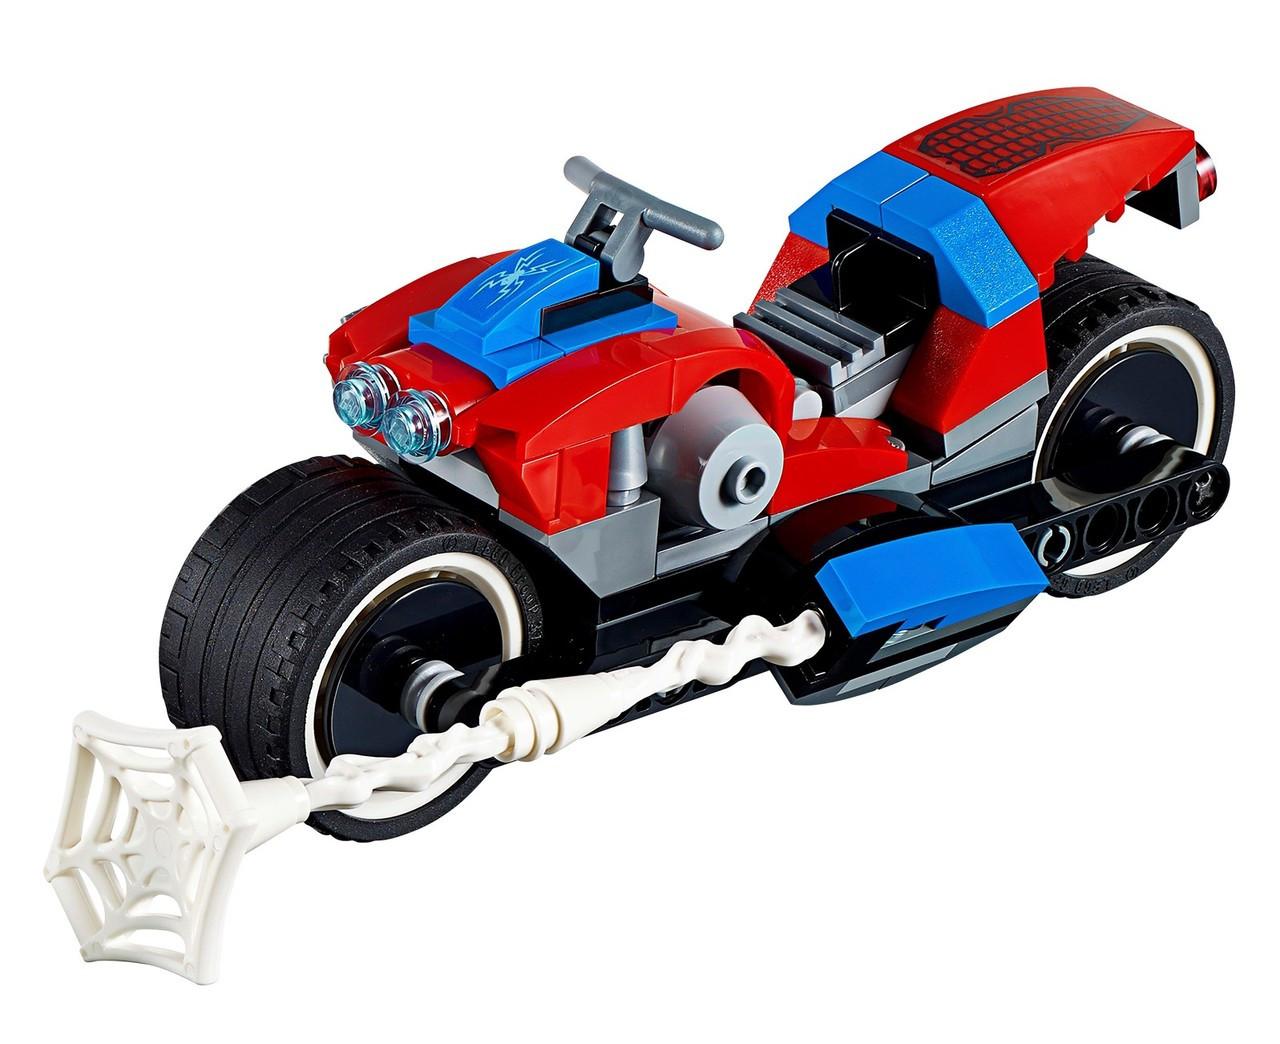 Lego Marvel Super Heroes Spider Man Bike Loose Toywiz